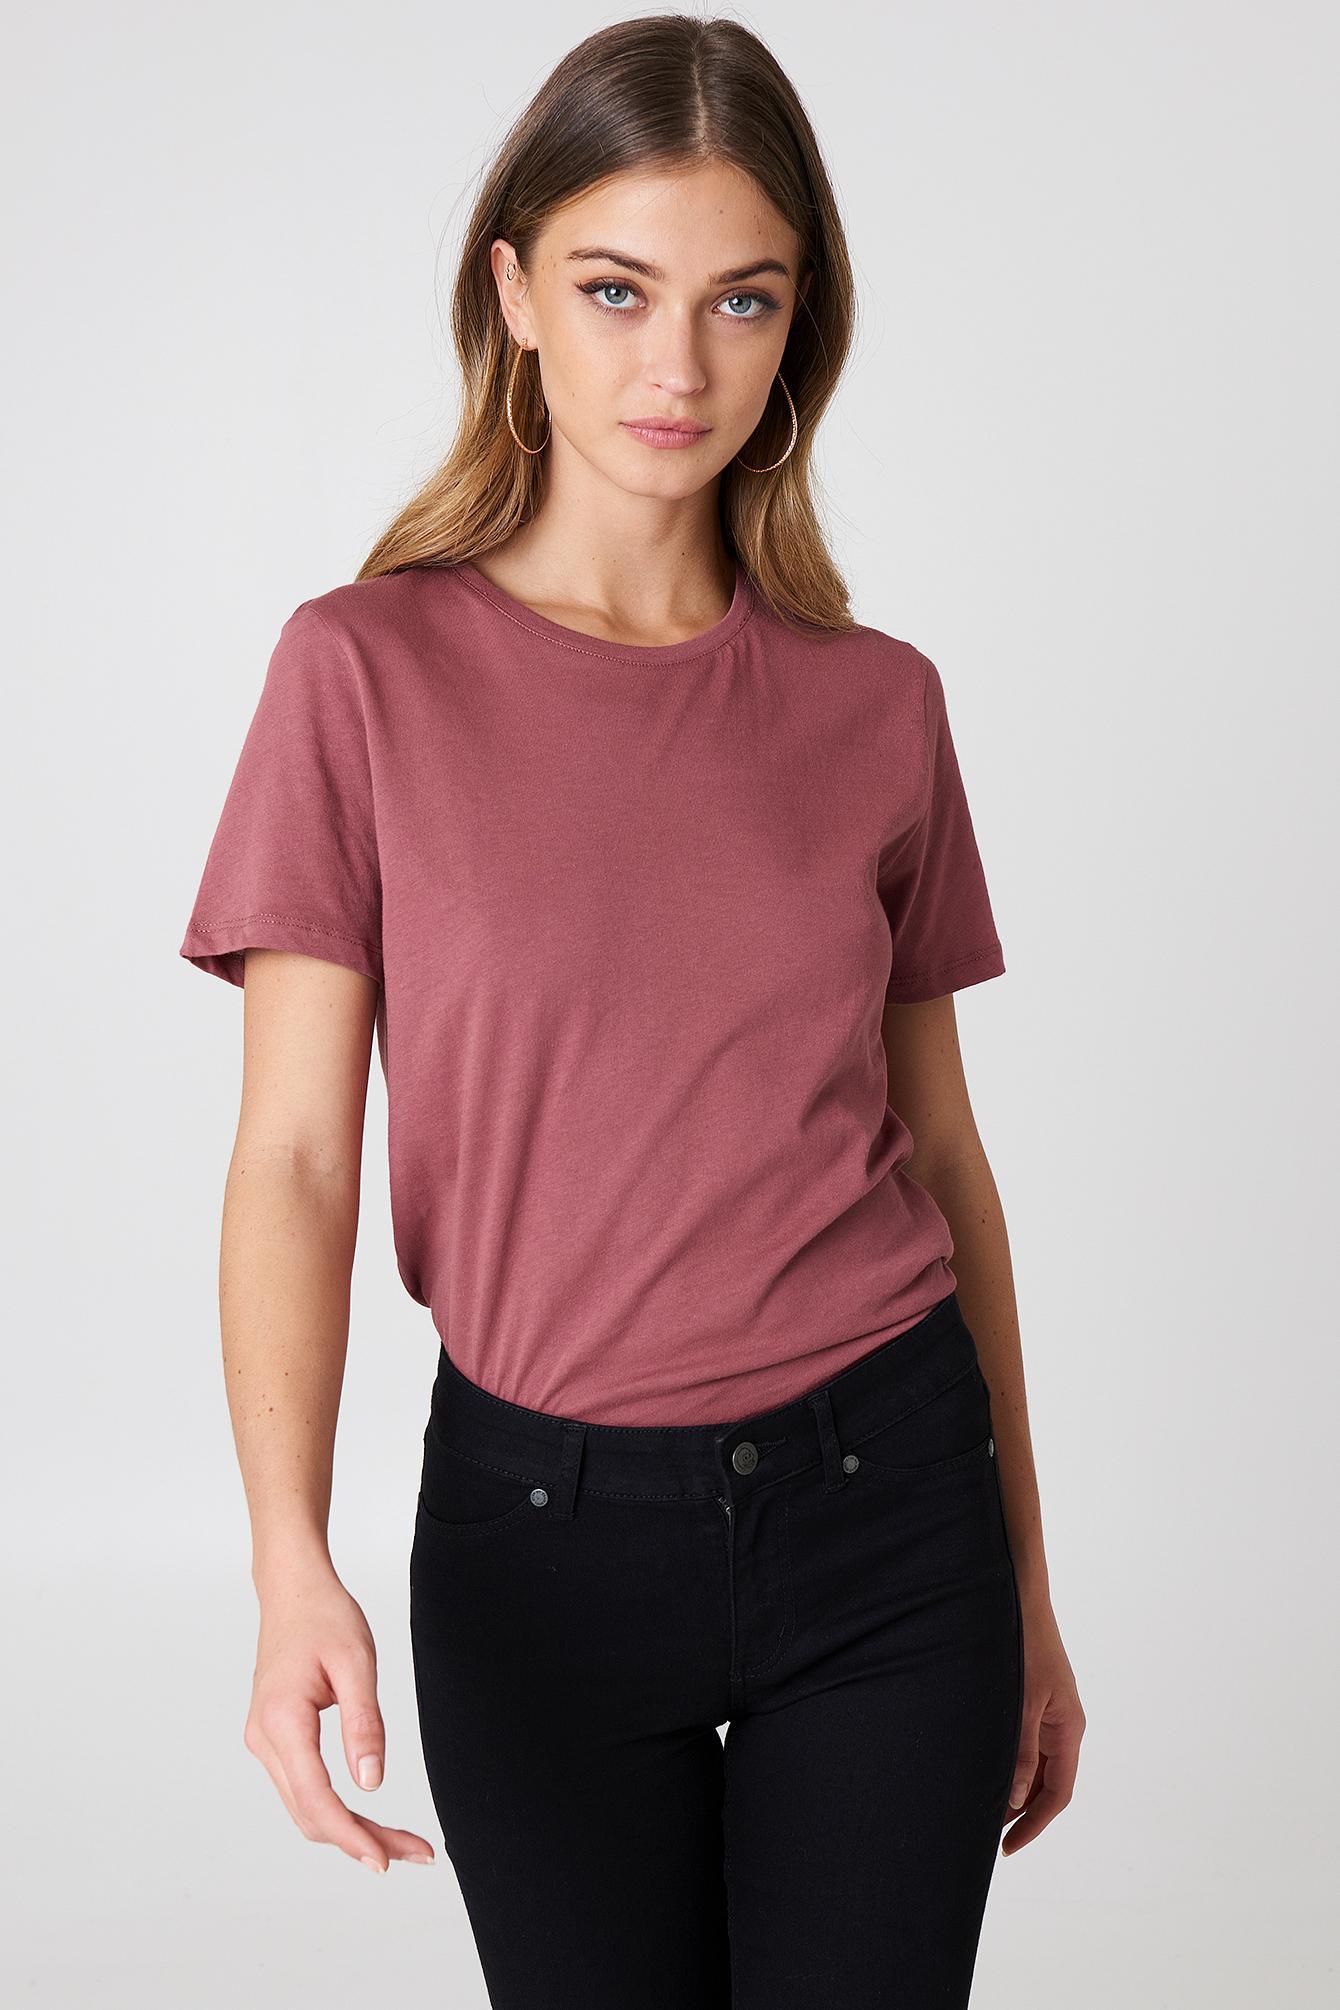 T-shirt basic NA-KD.COM